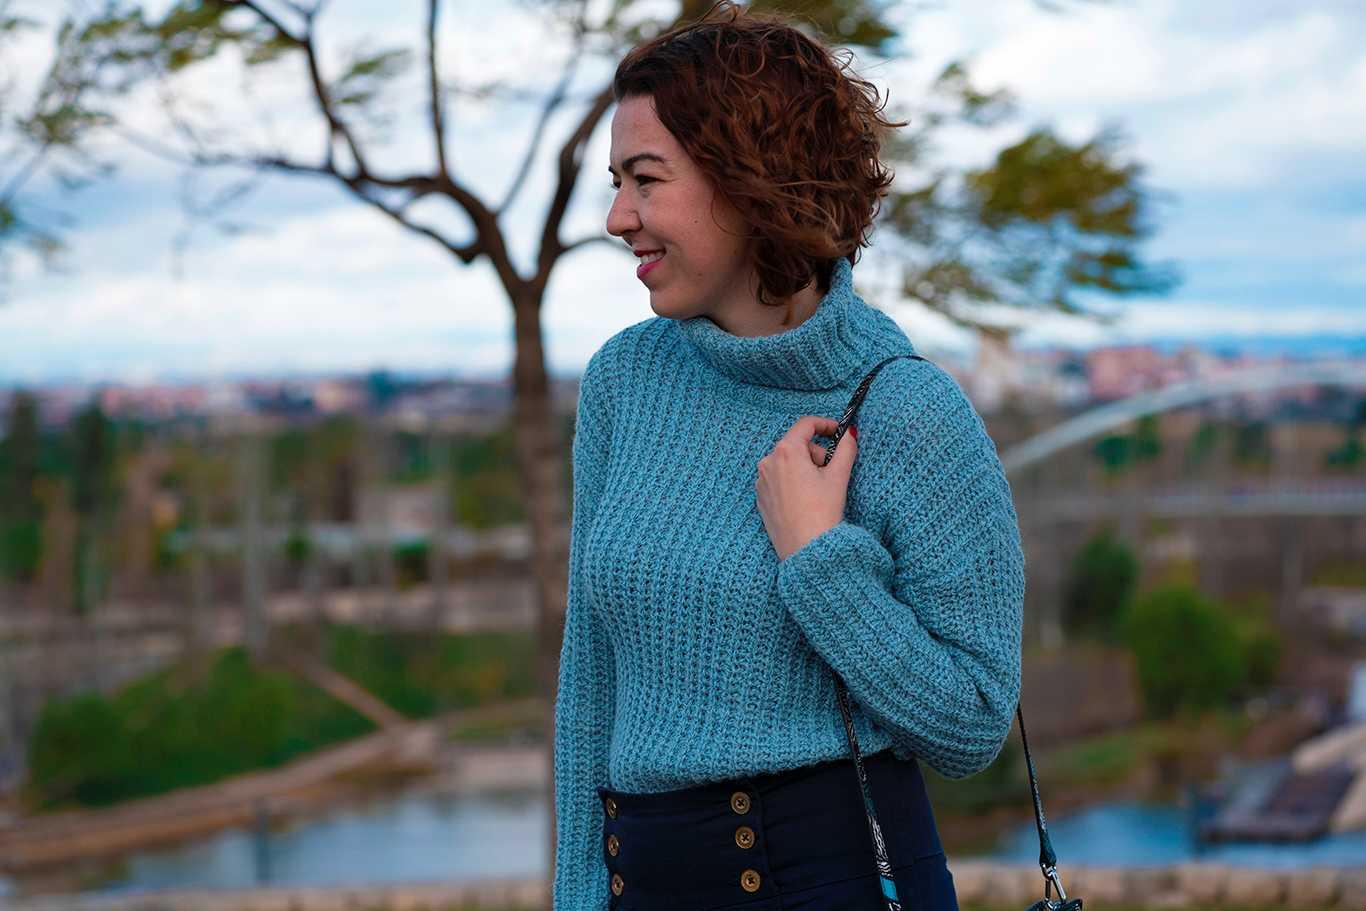 Pantalones Abotonados y suéter de cuello alto